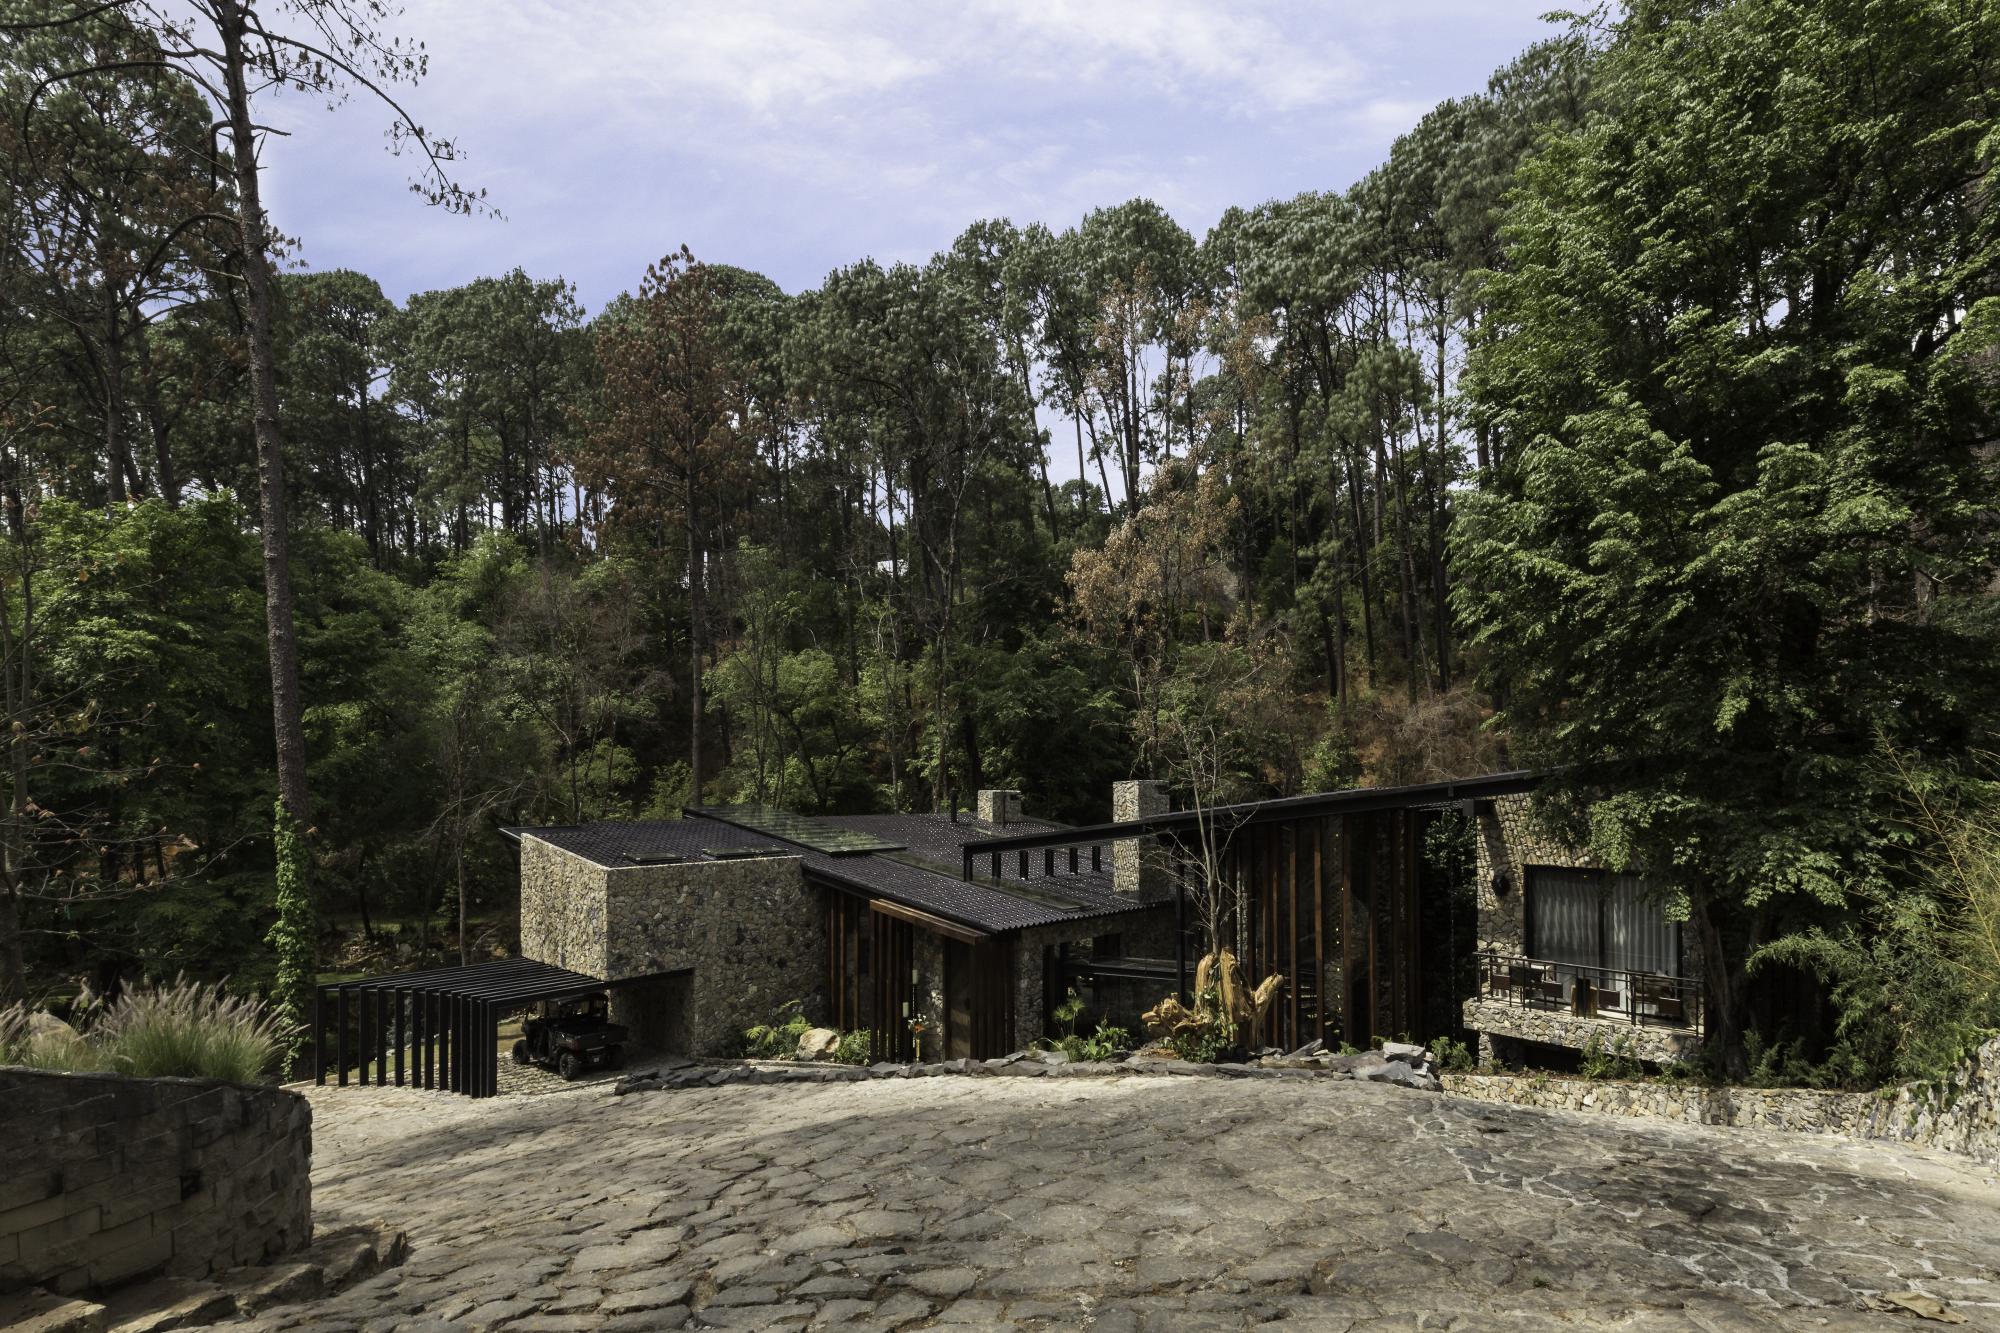 <a href='https://revistaaxxis.com.co/un-refugio-rio-casa/'><h2>Un refugio familiar divido por un río que comienza en la entrada principal y rodea toda la casa</h2>Este proyecto se compone de dos espacios, uno privado y otro abierto dividido por un río que comienza en la entrada principal y rodea toda la casa.</a>